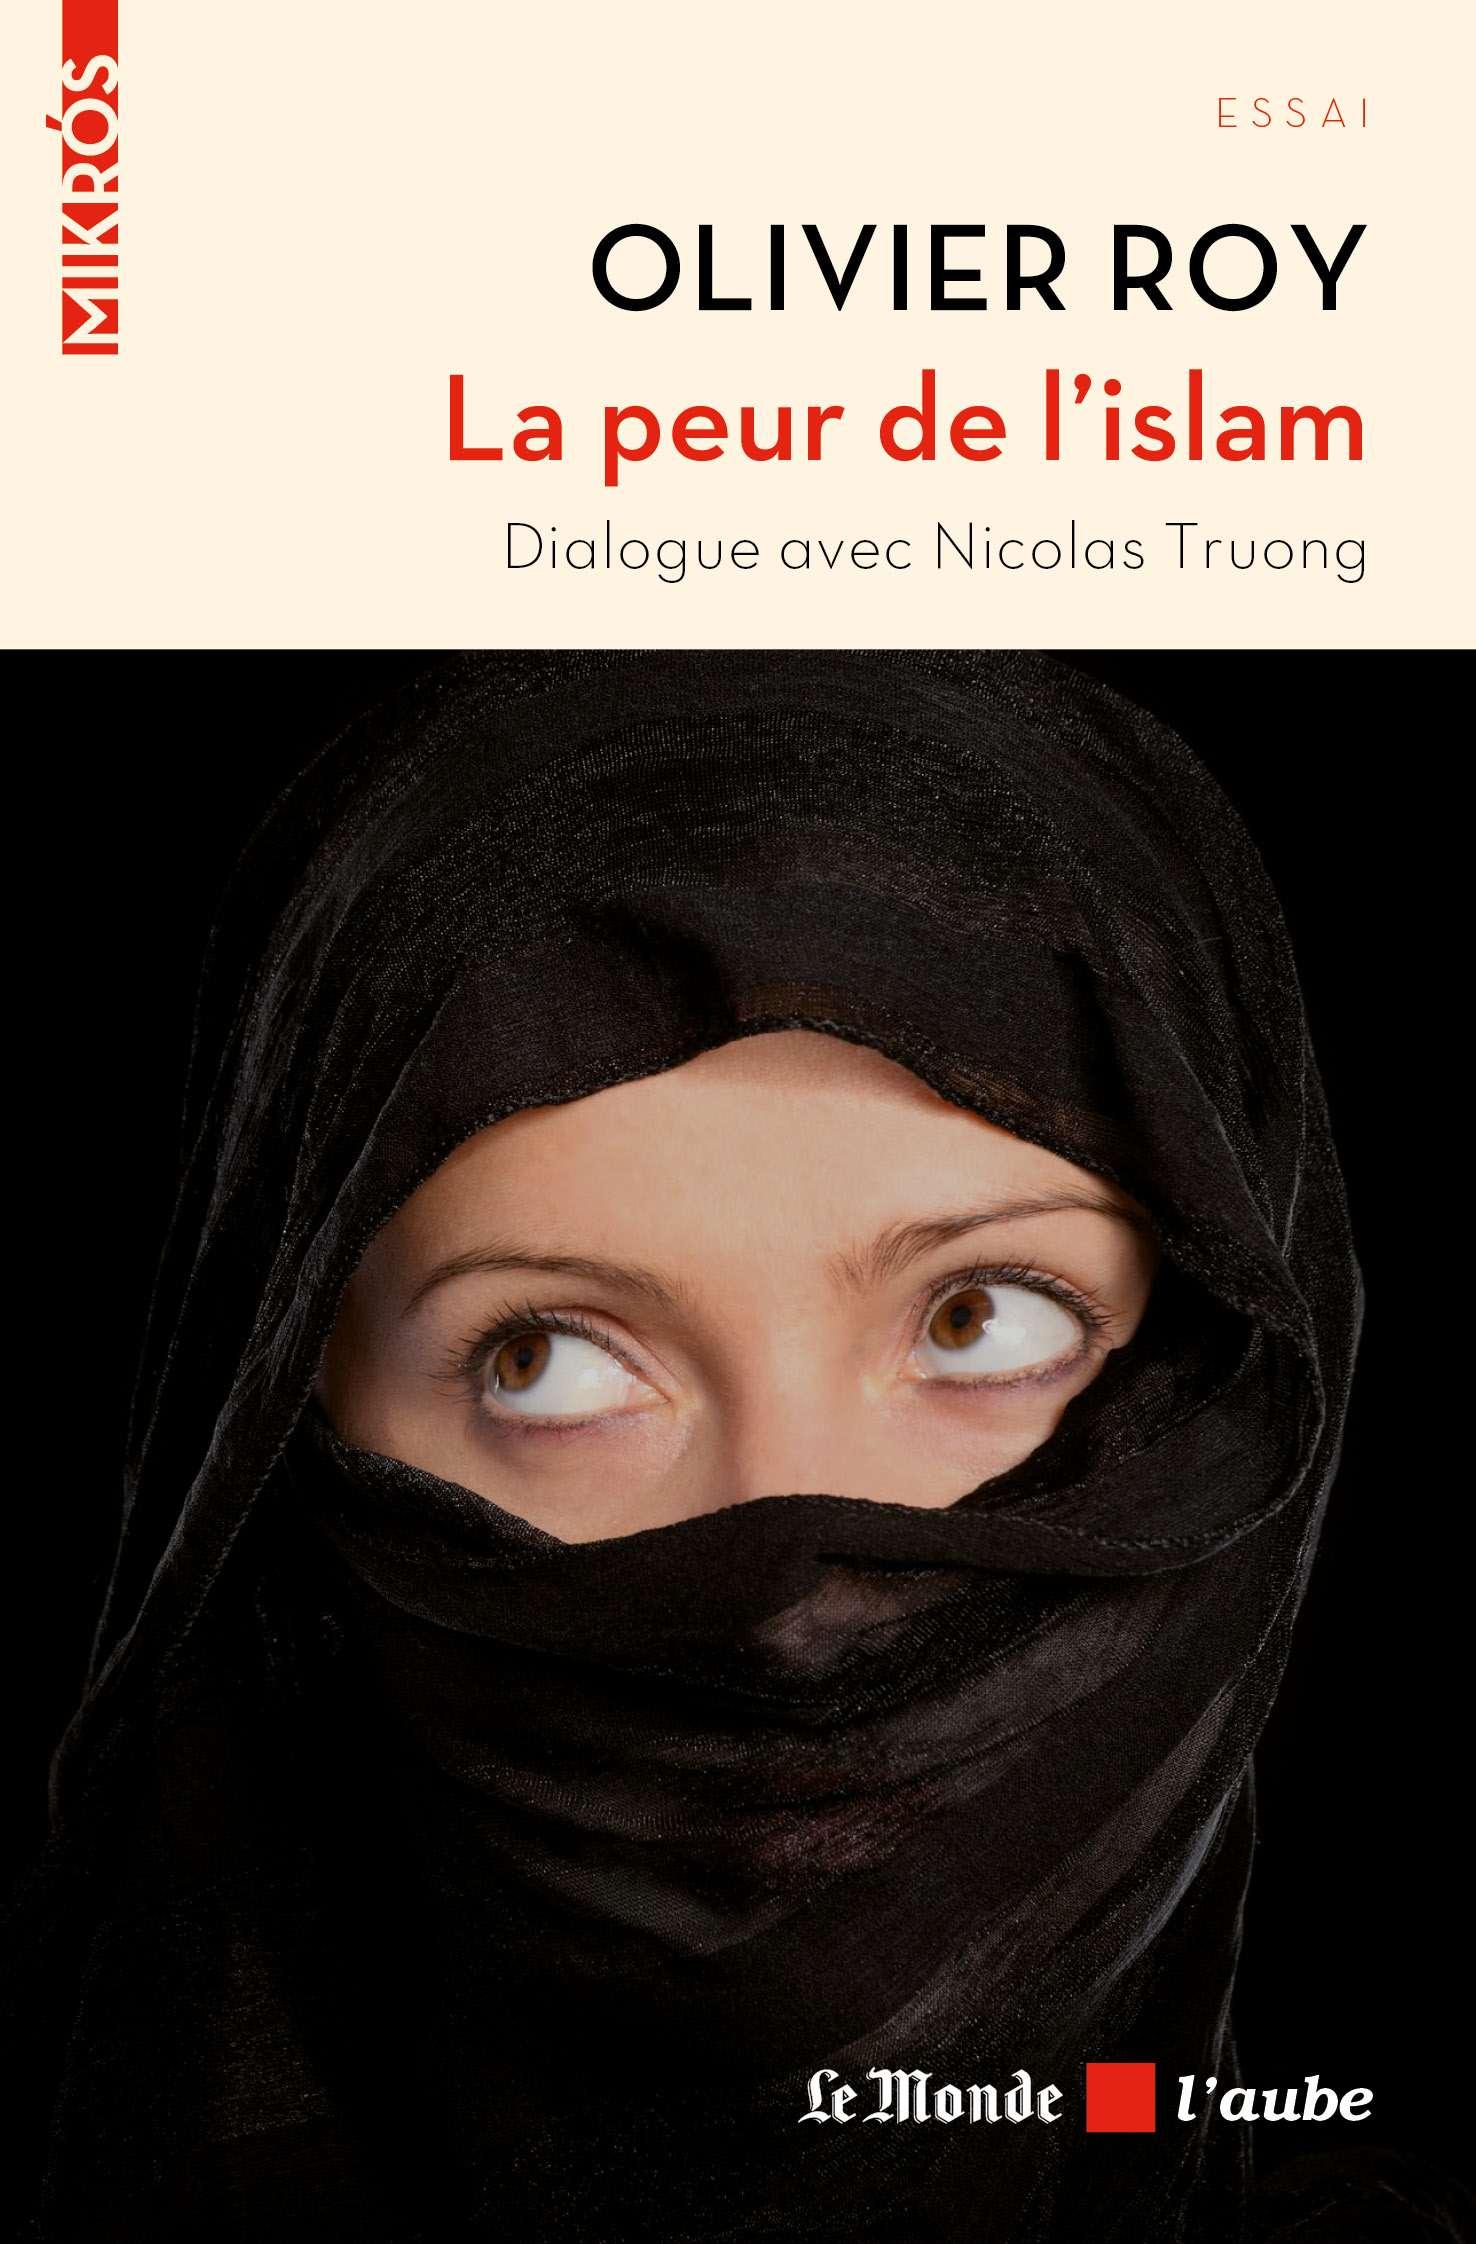 La peur de l'islam